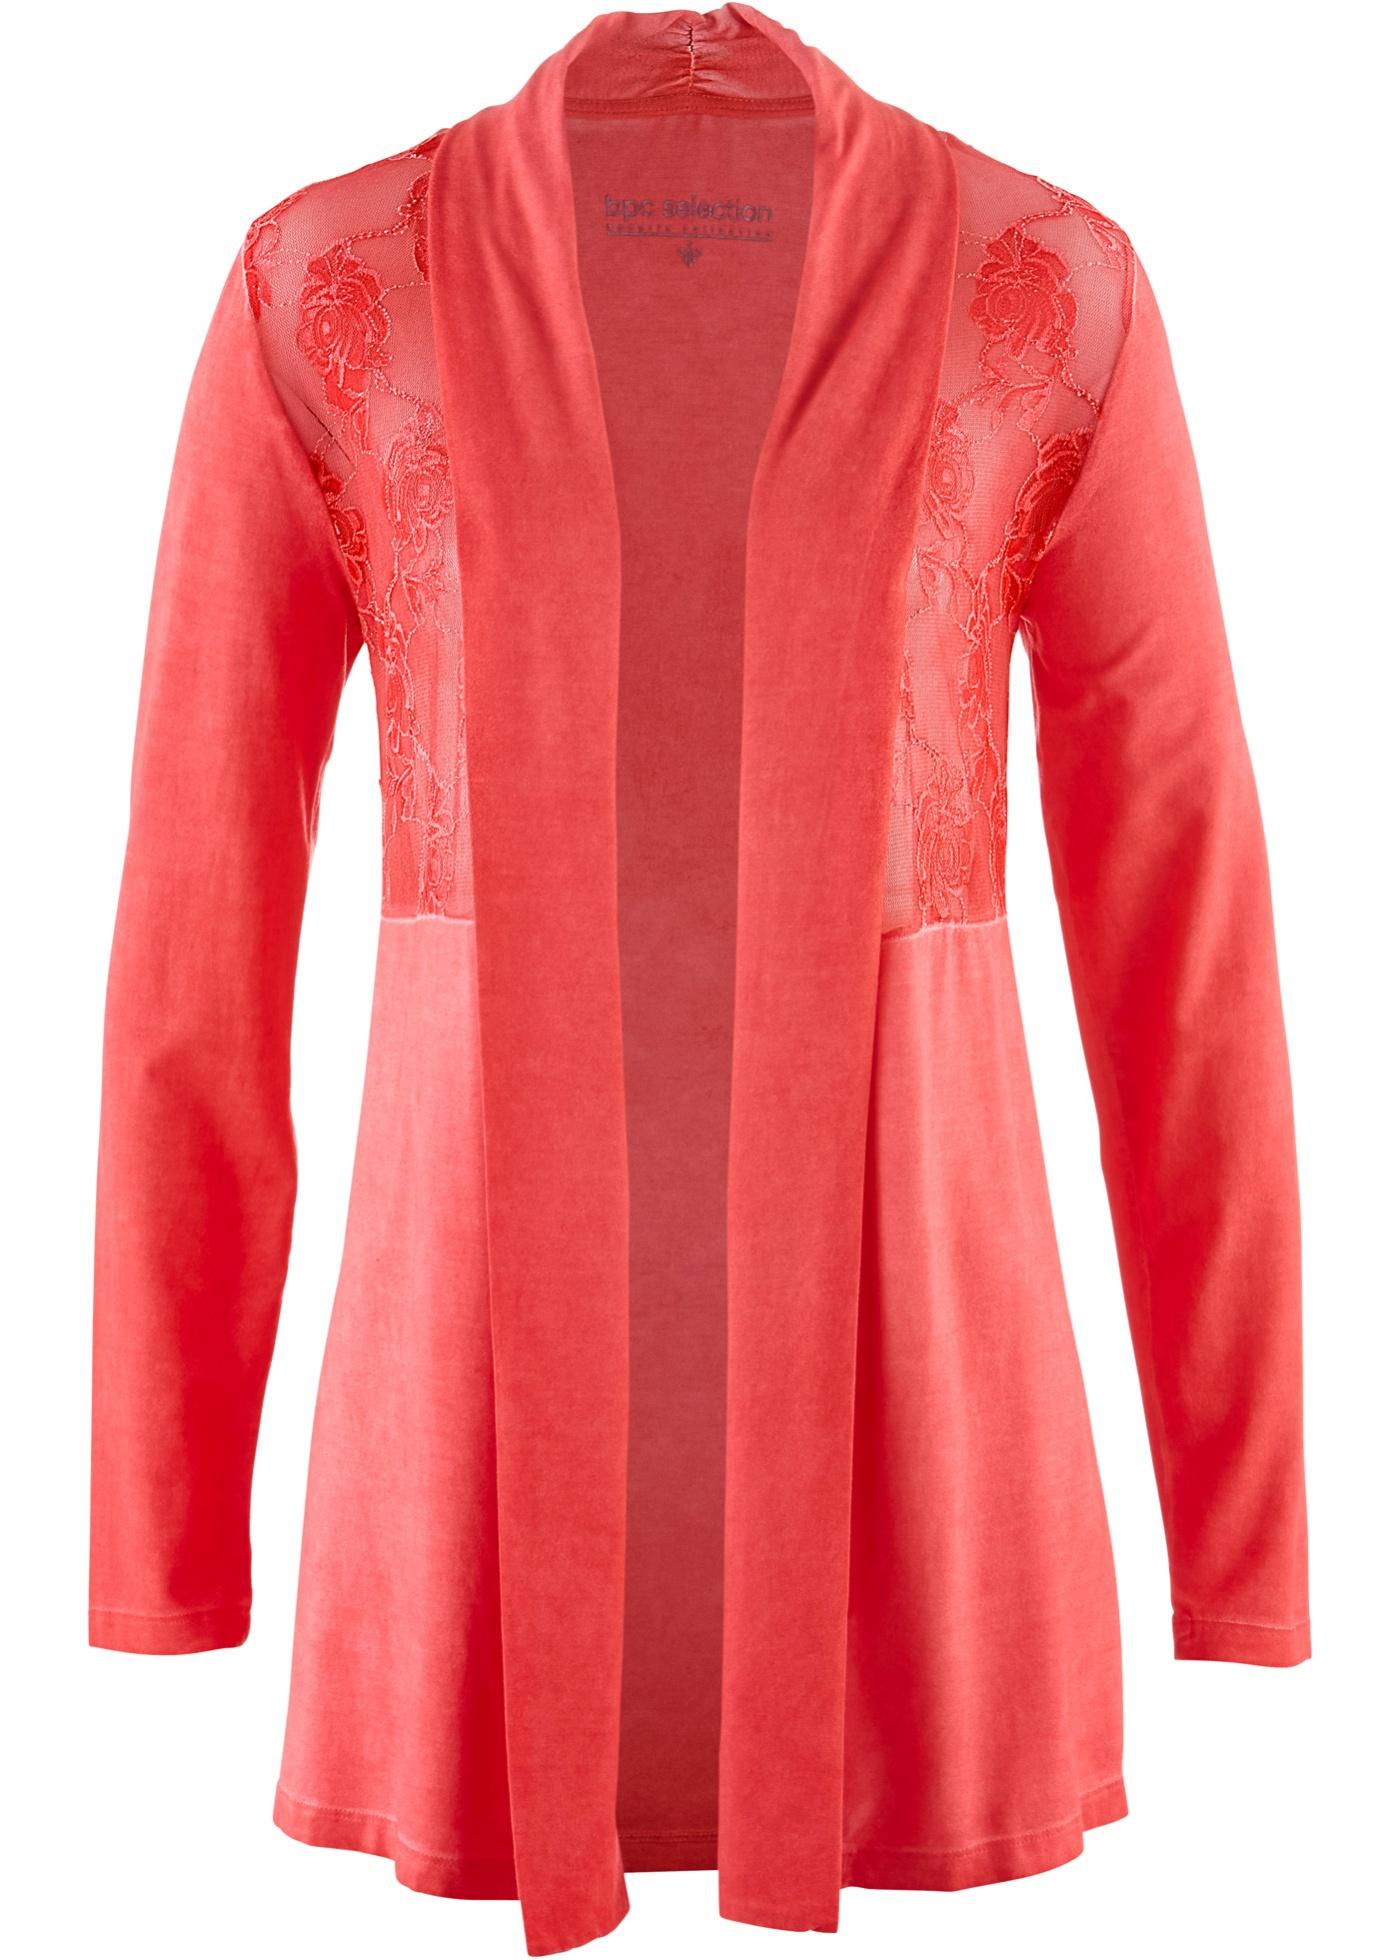 bpc selection premium Shirtjacke  mit transparentem Spitzeneinsatz langarm  in rot für Damen von bonprix